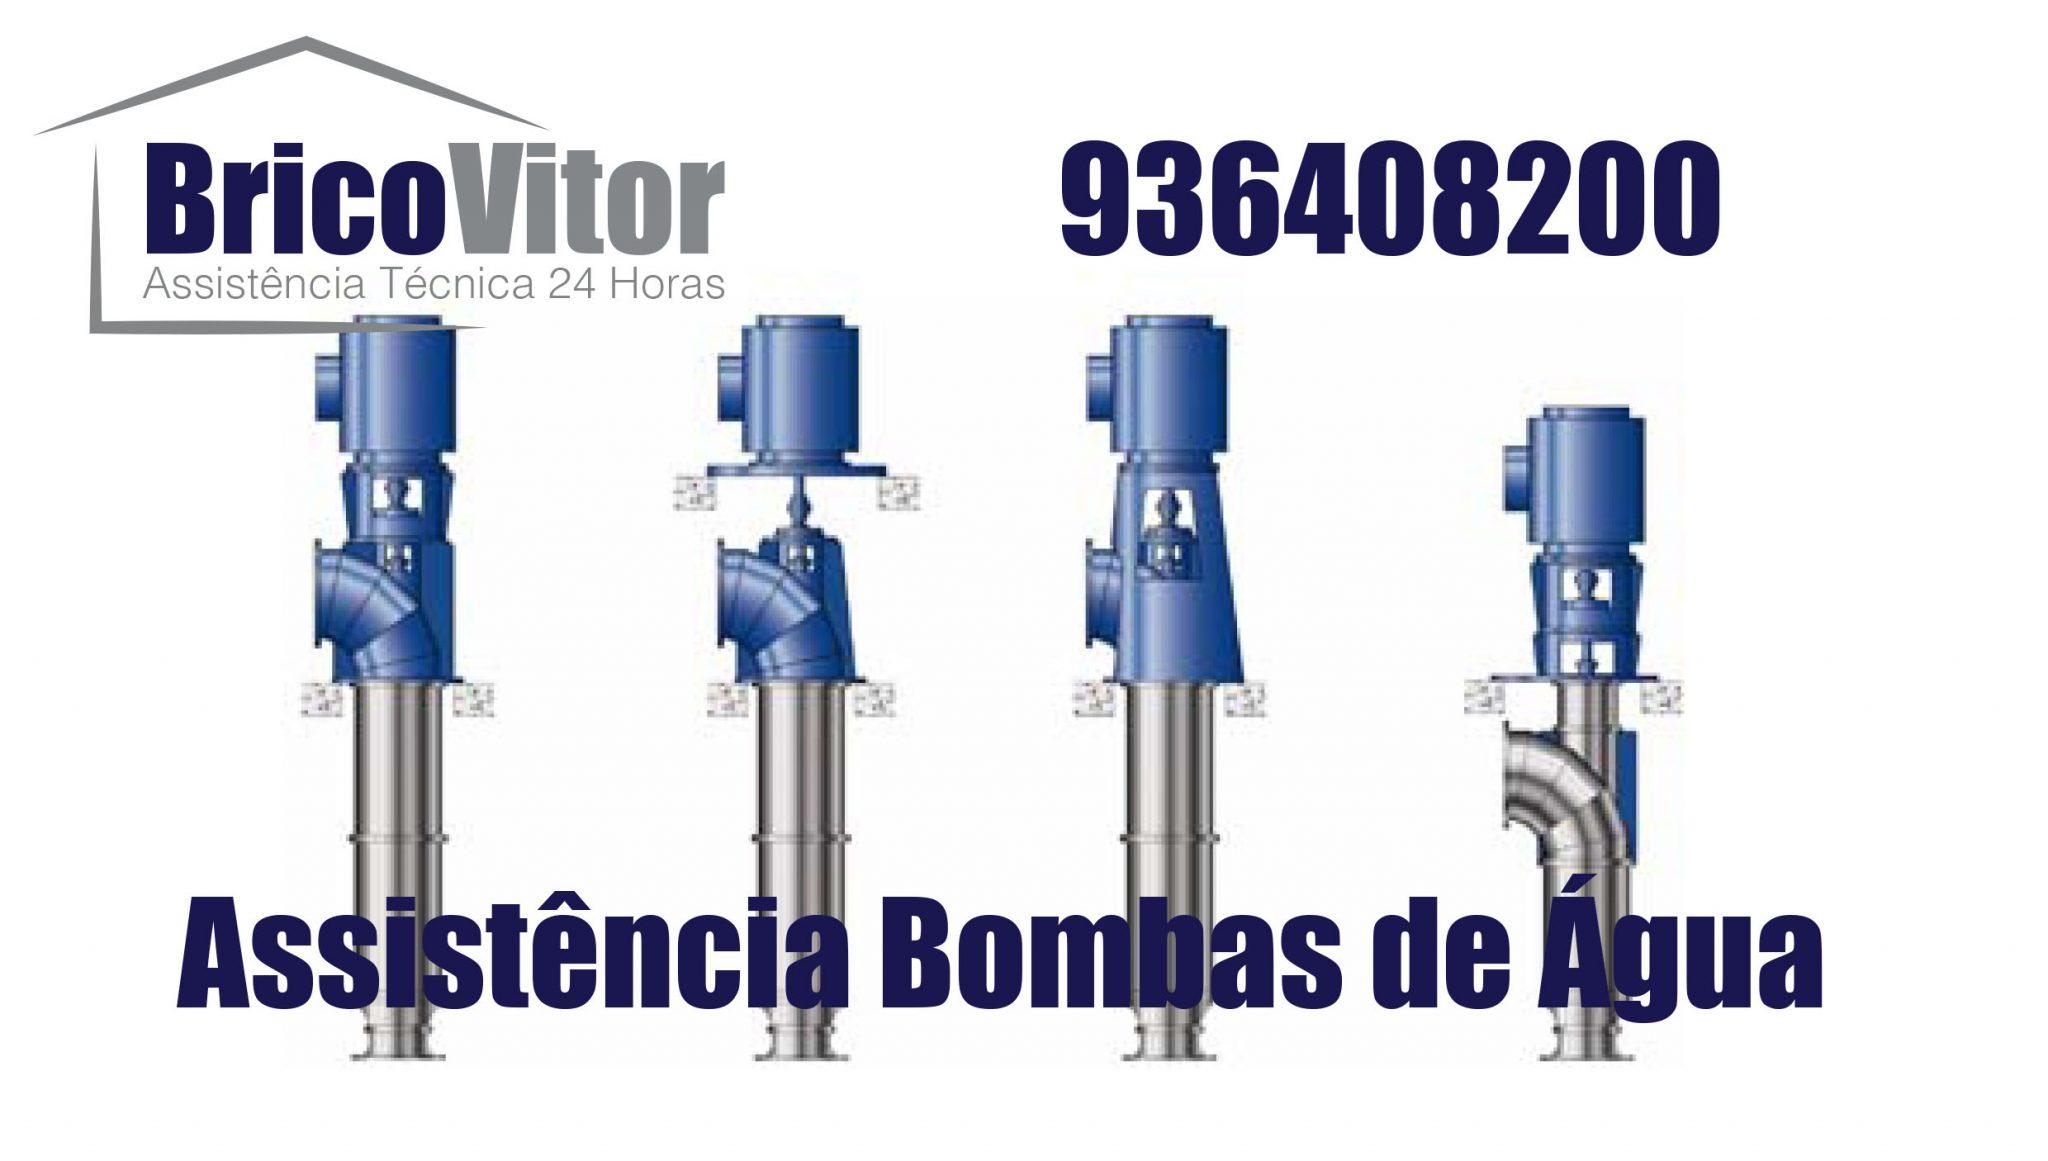 Venda e instalação Bombas de agua